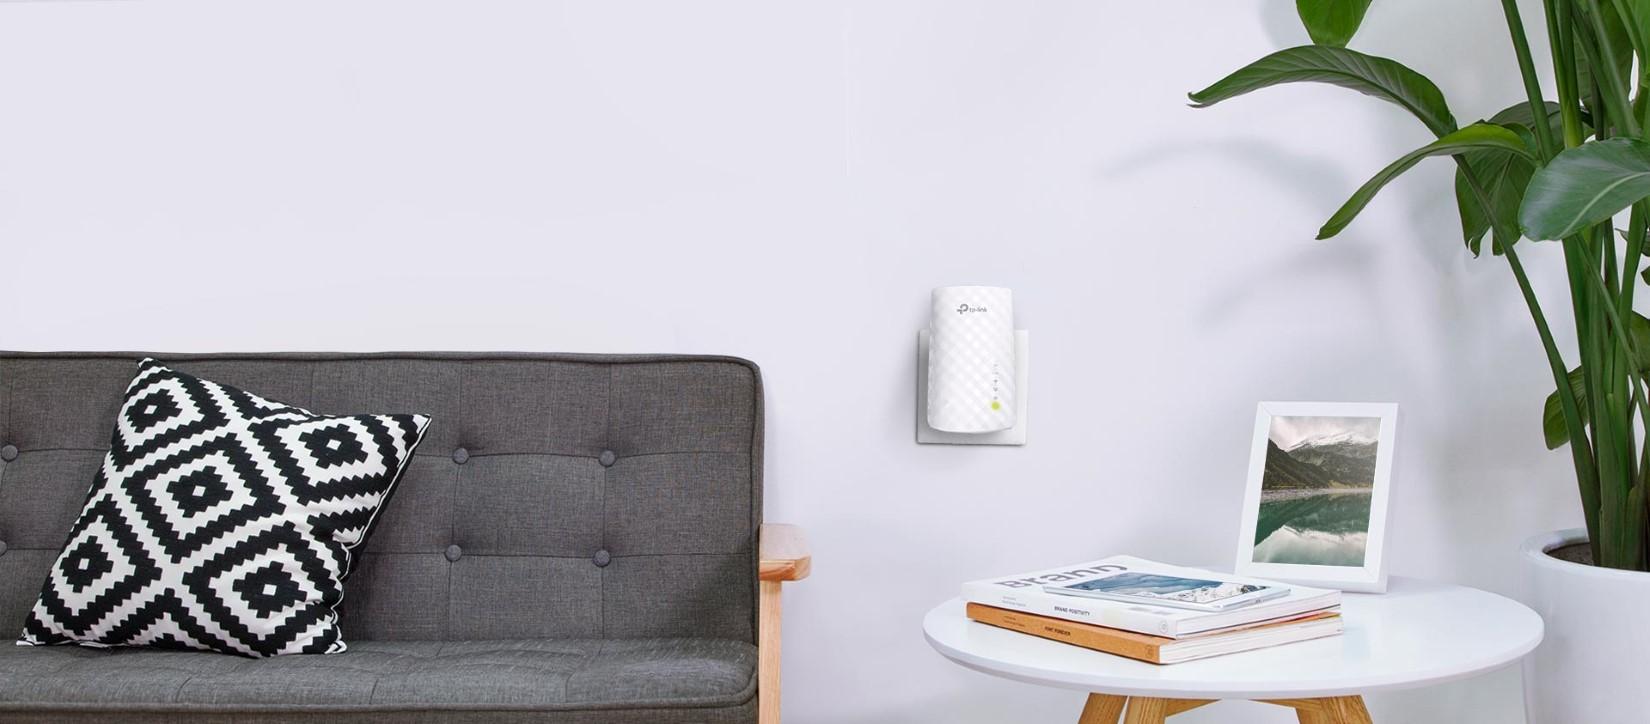 Bộ mở rộng sóng Wi-Fi TP-Link RE200 AC750